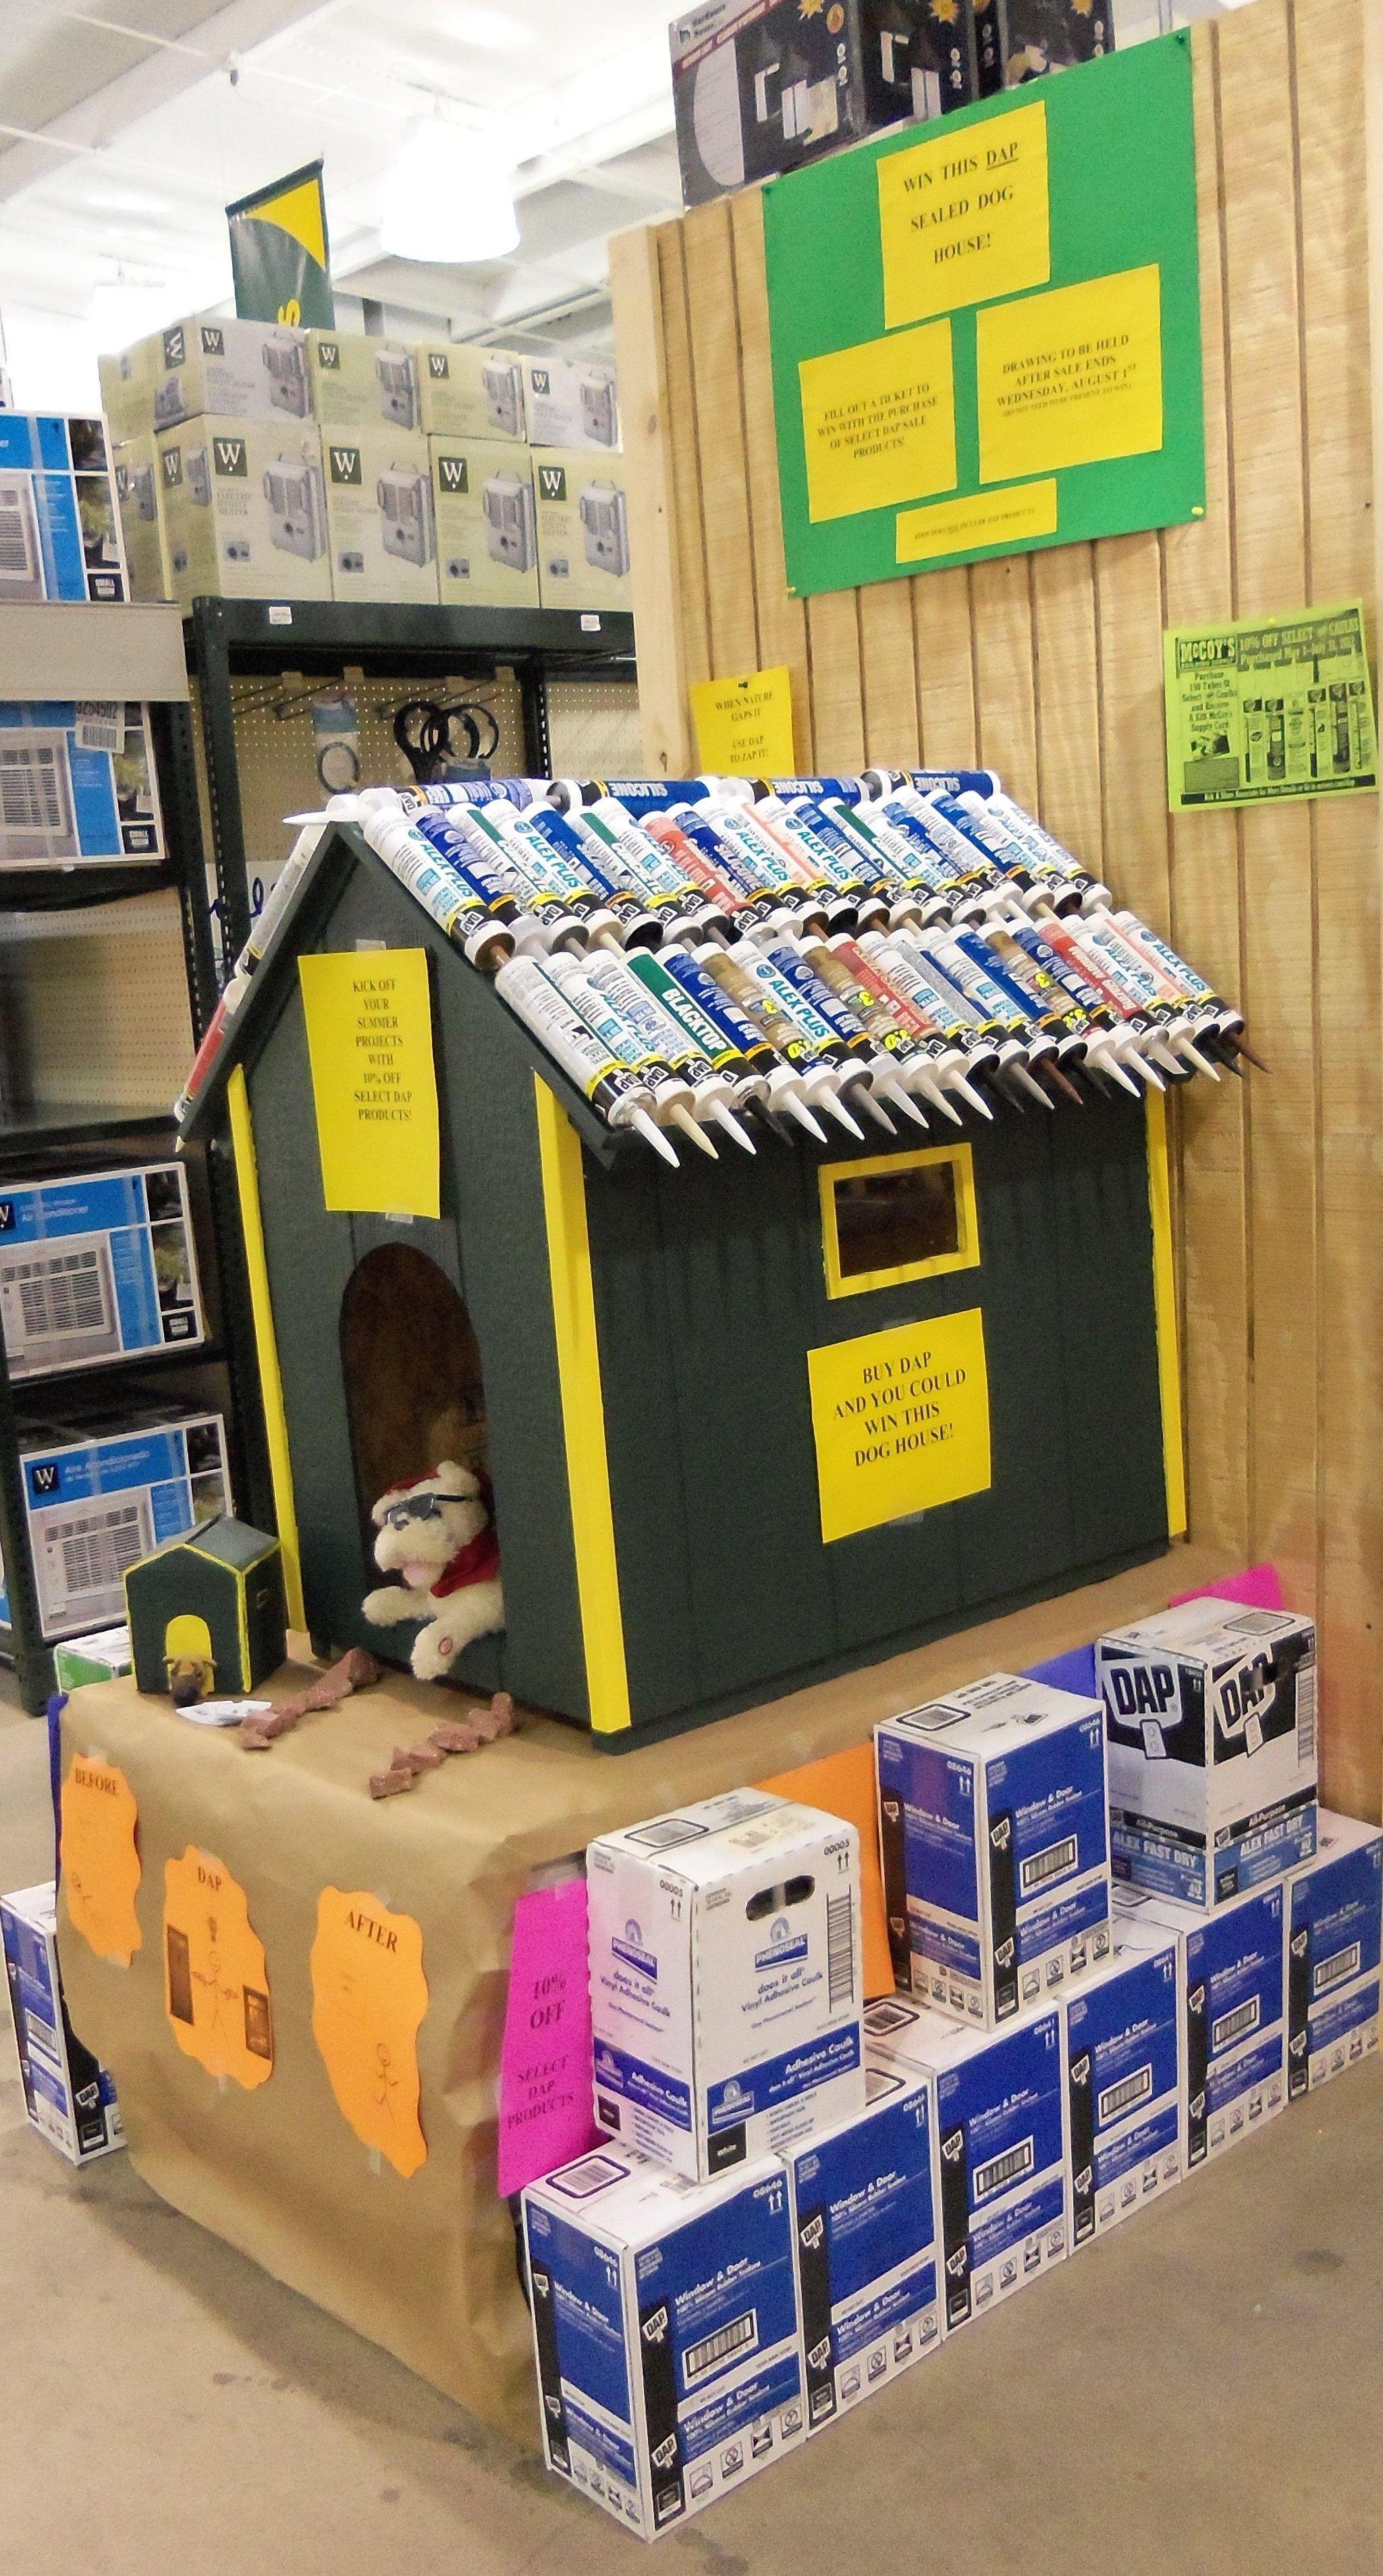 dap caulk display mccoys (With images) Arkansas, Dog